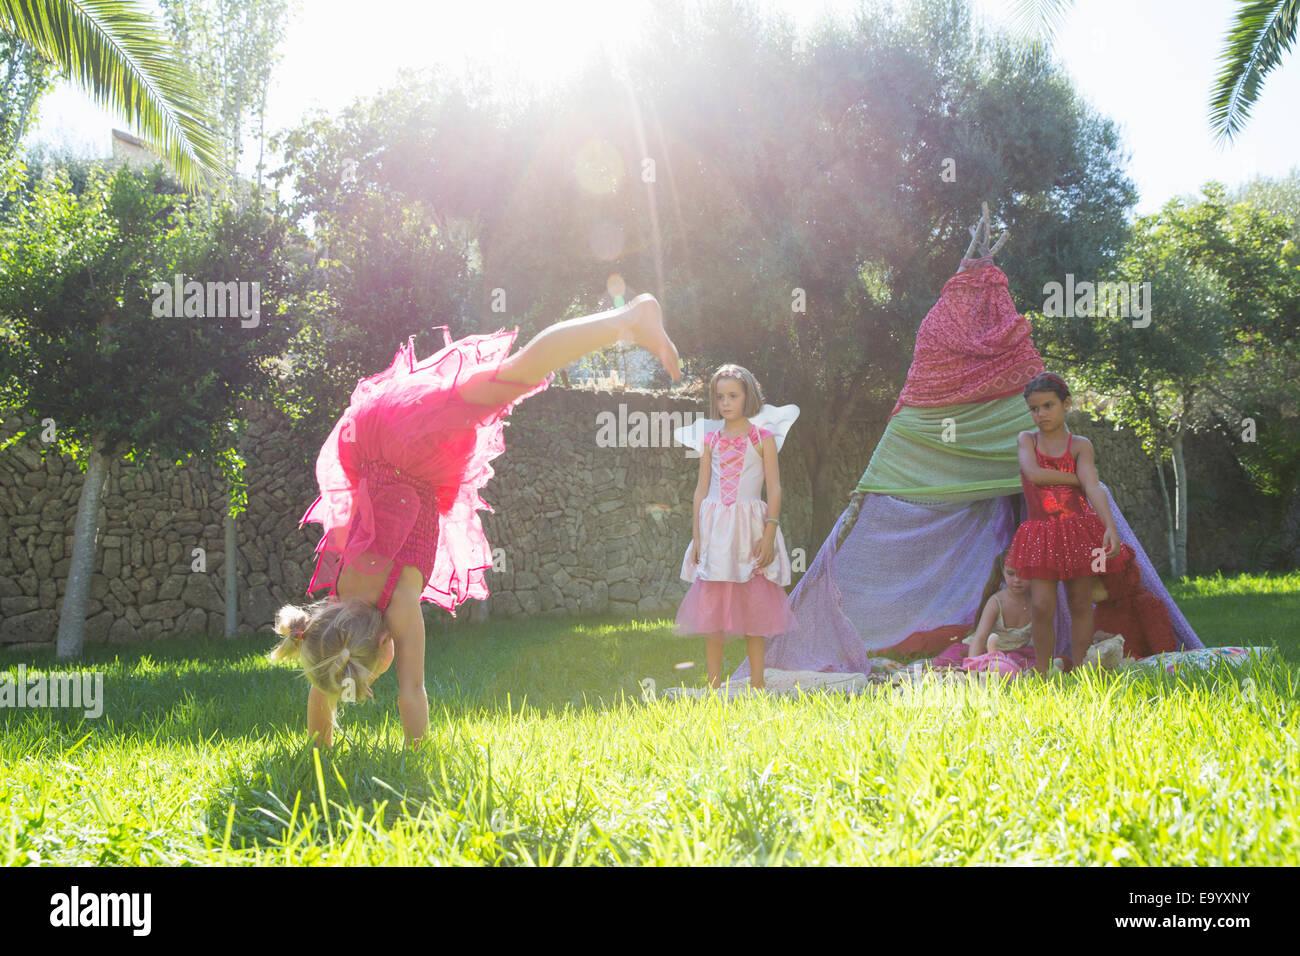 Girls watching friend in fairy costume doing handstand in garden - Stock Image